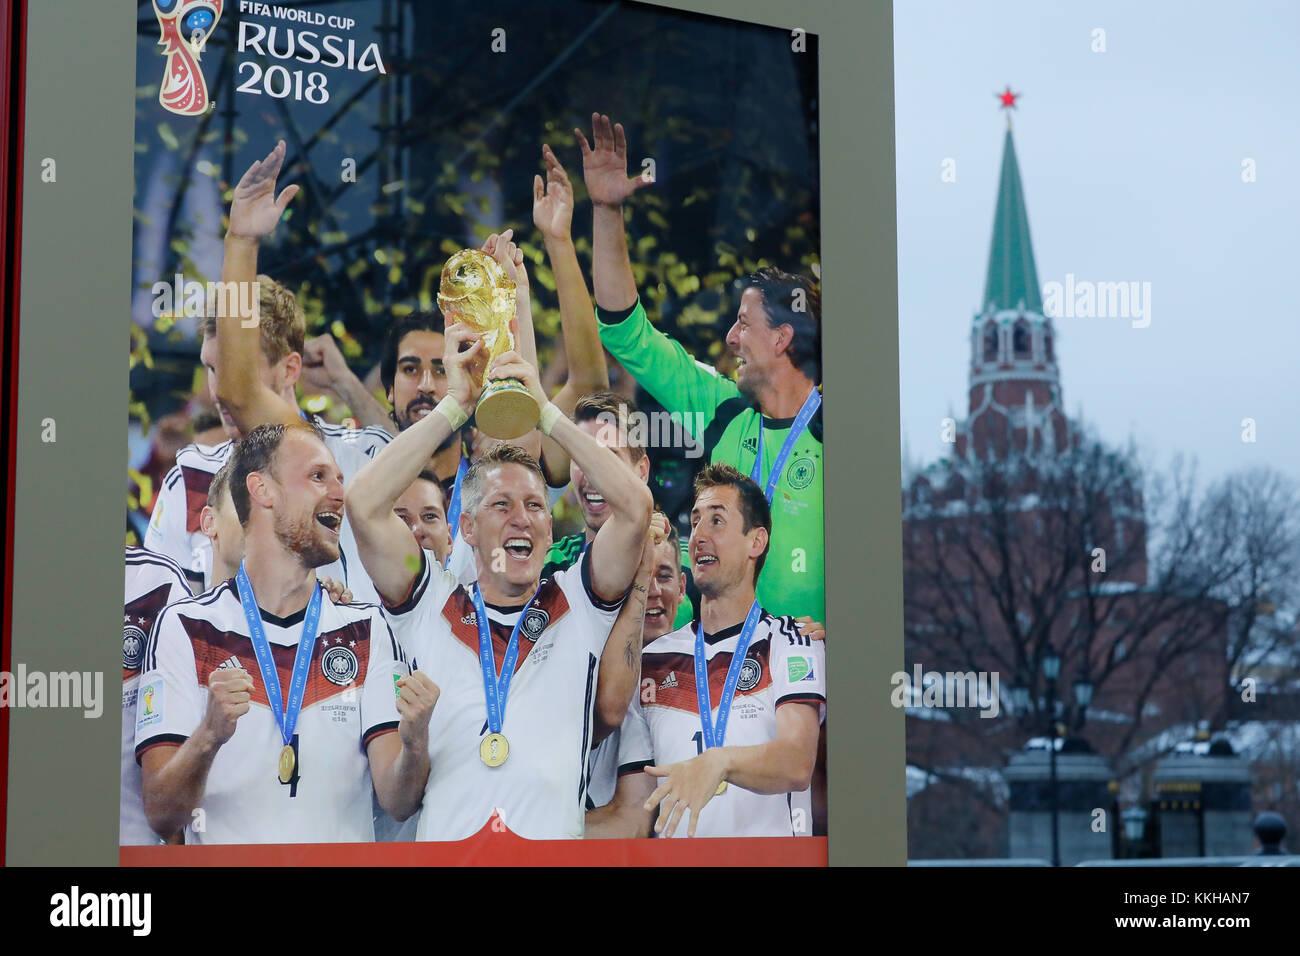 Moskau, Russland. 29th Nov, 2017. Der Kreml with WM 2018 Logos und Plakaten. Hier with einem Plakat vom Weltmeister 2014 Germany with Bastian Schweinsteiger. Feature/Schmuckbild/Hintergrund/Hintergrundbild. Fussball: Auslosung zur FIFA- Fussball Weltmeisterschaft 2018 in Moskau, Russland 01.12.2017 - Football, Draw for the FIFA- World Cup 2018, Moscow, December 01, 2017 |usage worldwide Credit: dpa/Alamy Live News Stock Photo